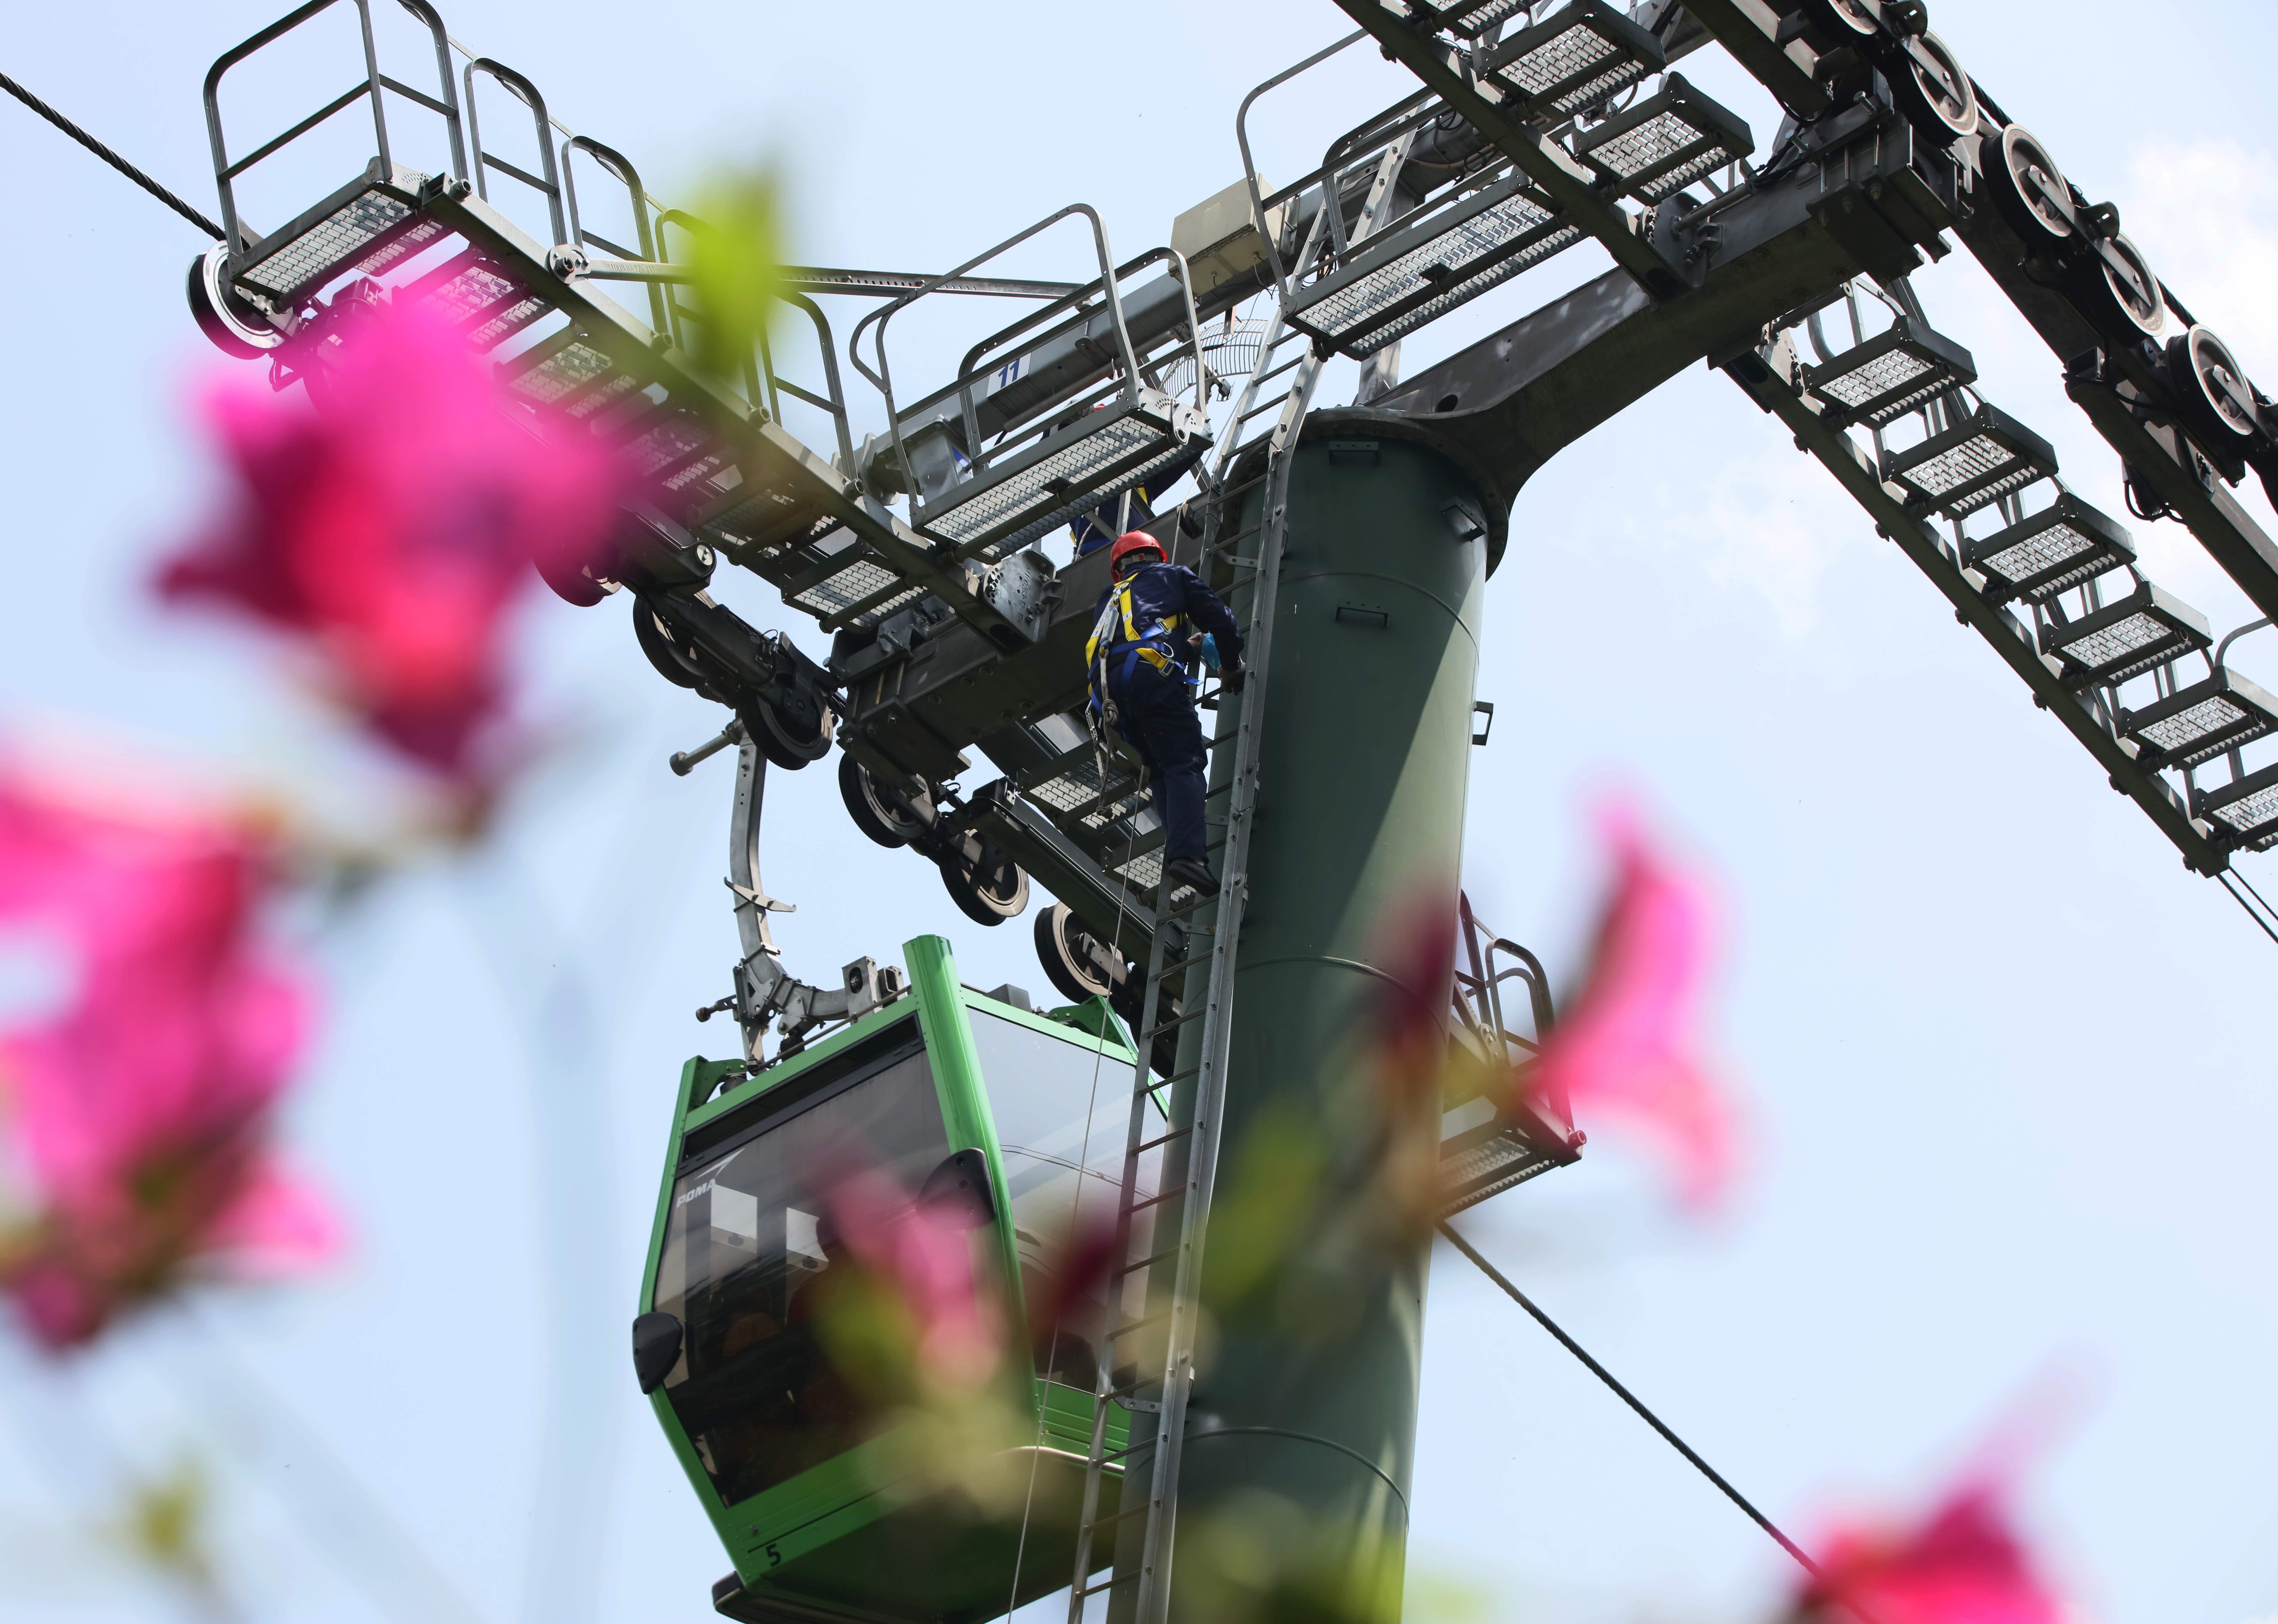 """湖南张家界:安检景区高空设备 备战""""五一""""旅游高峰 新湖南www.hunanabc.com"""